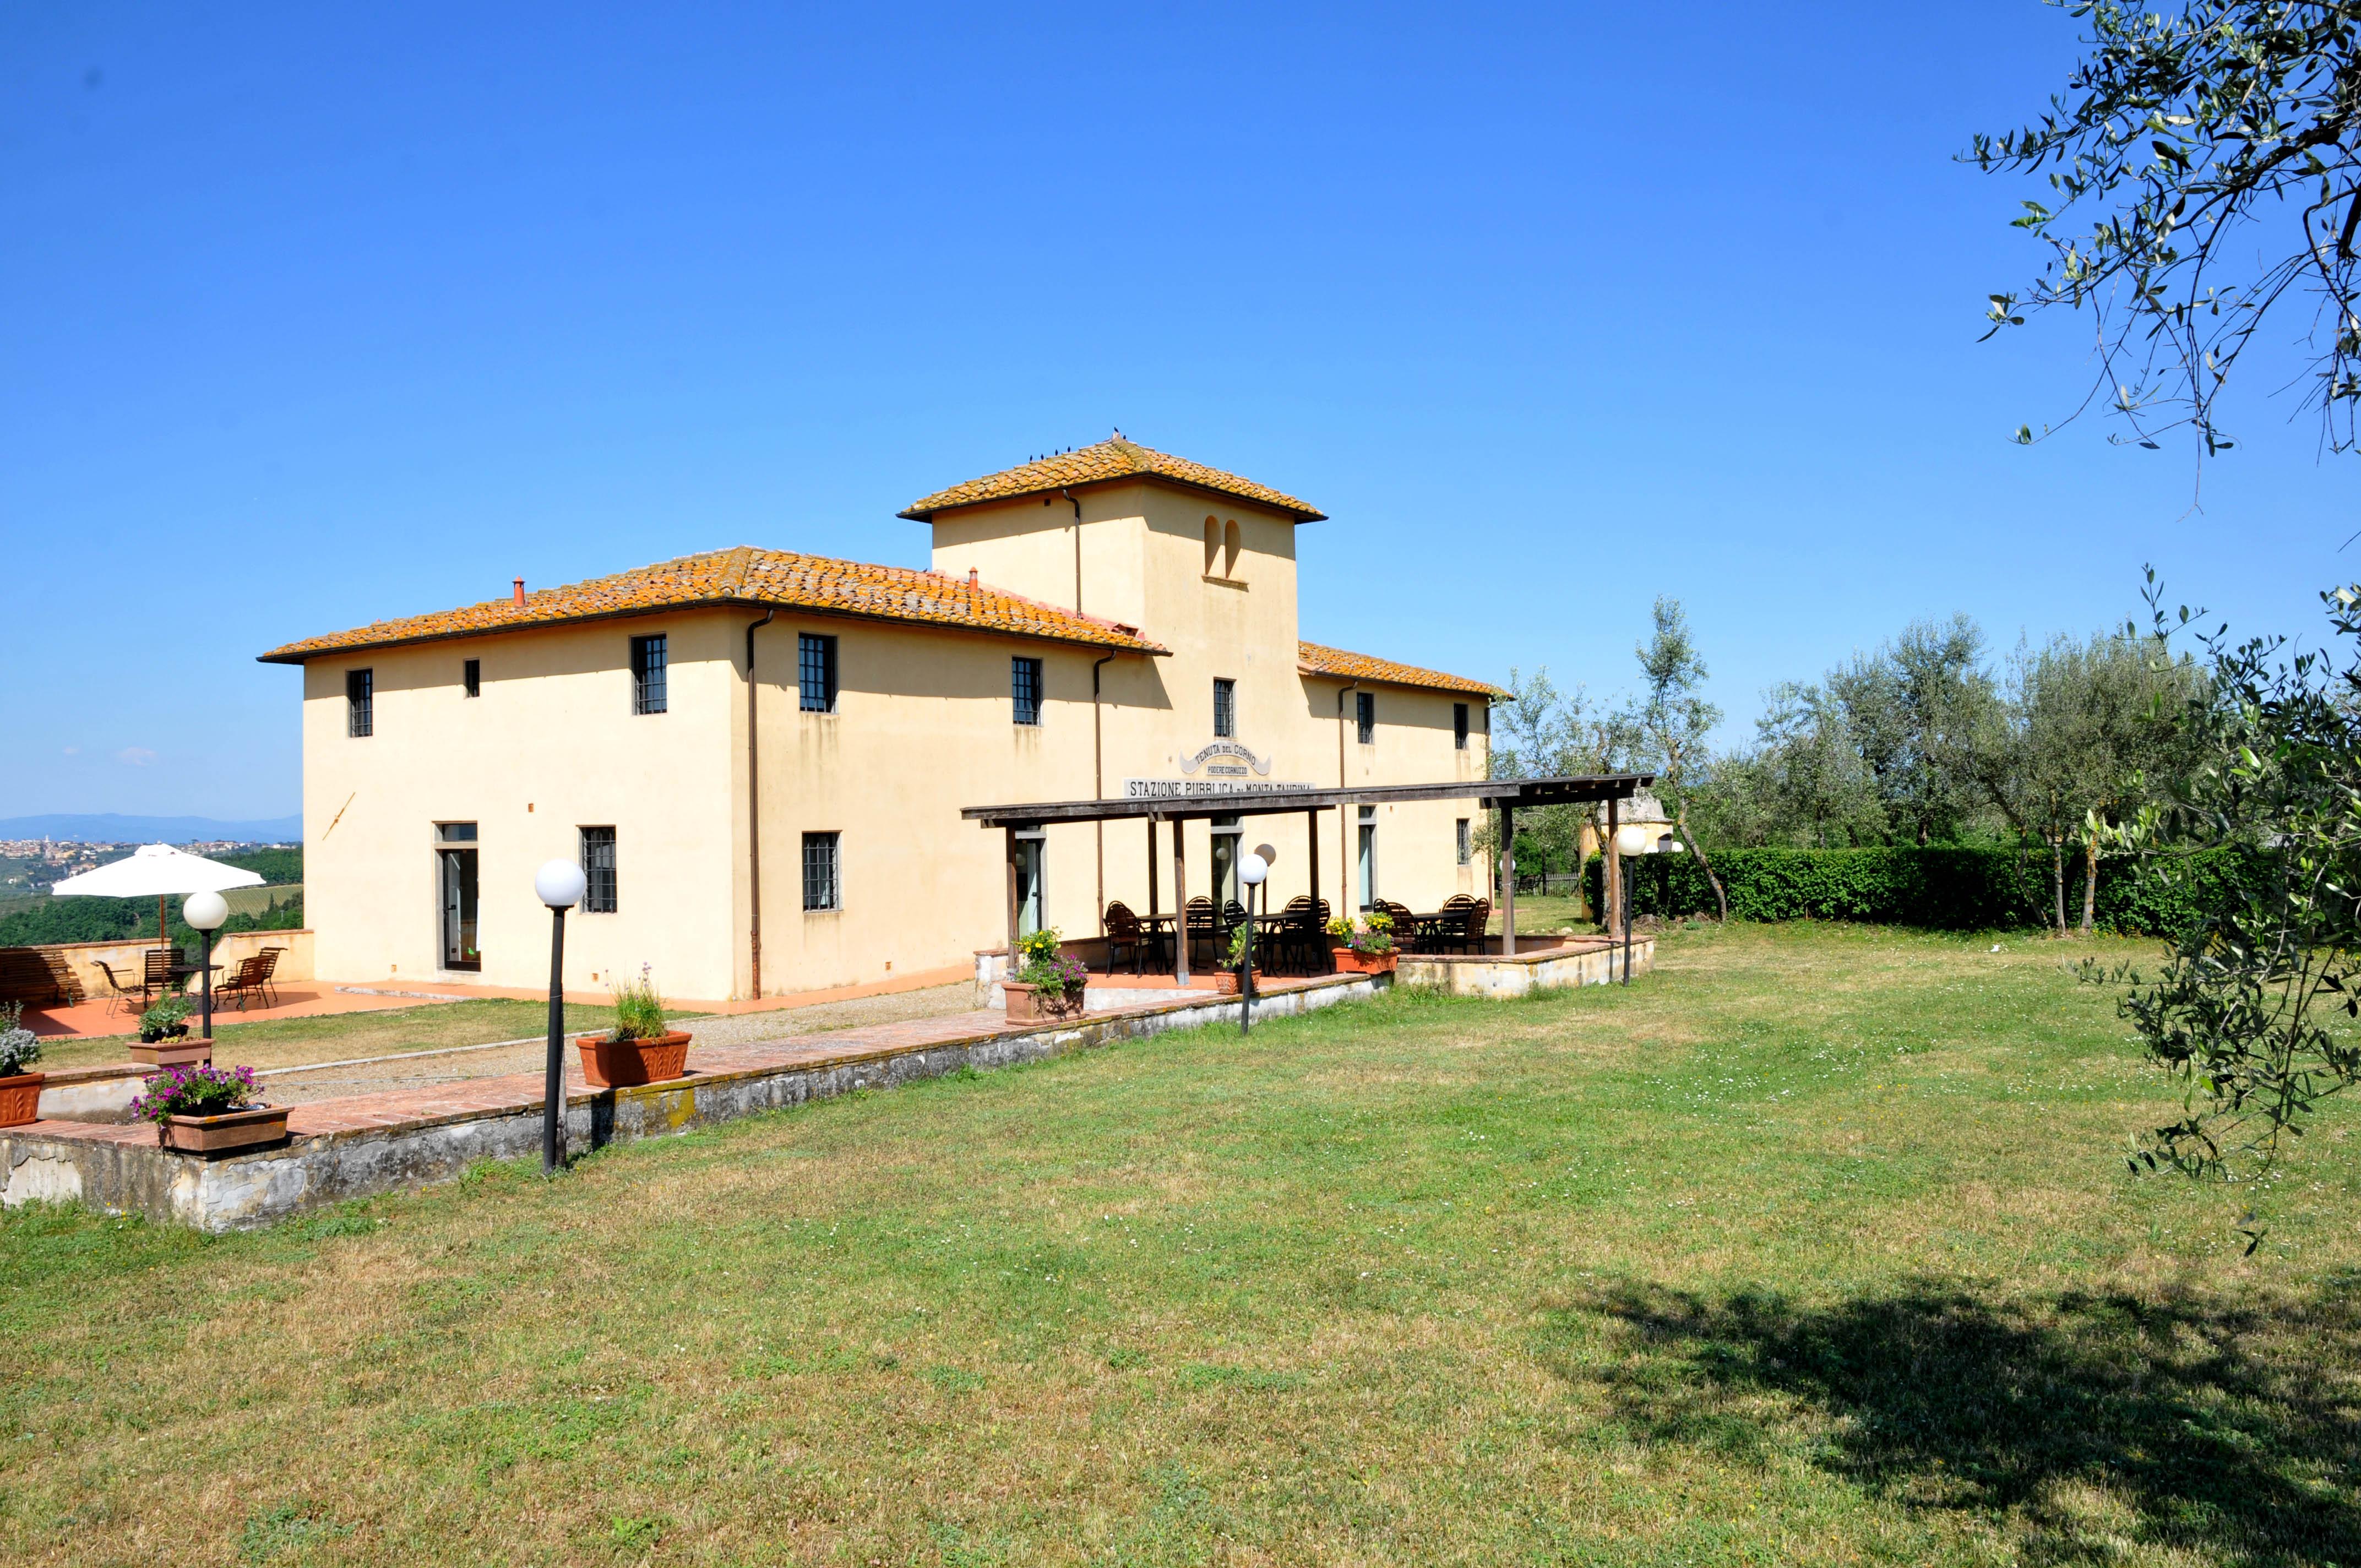 Location Villa Luxe  Jours Italie